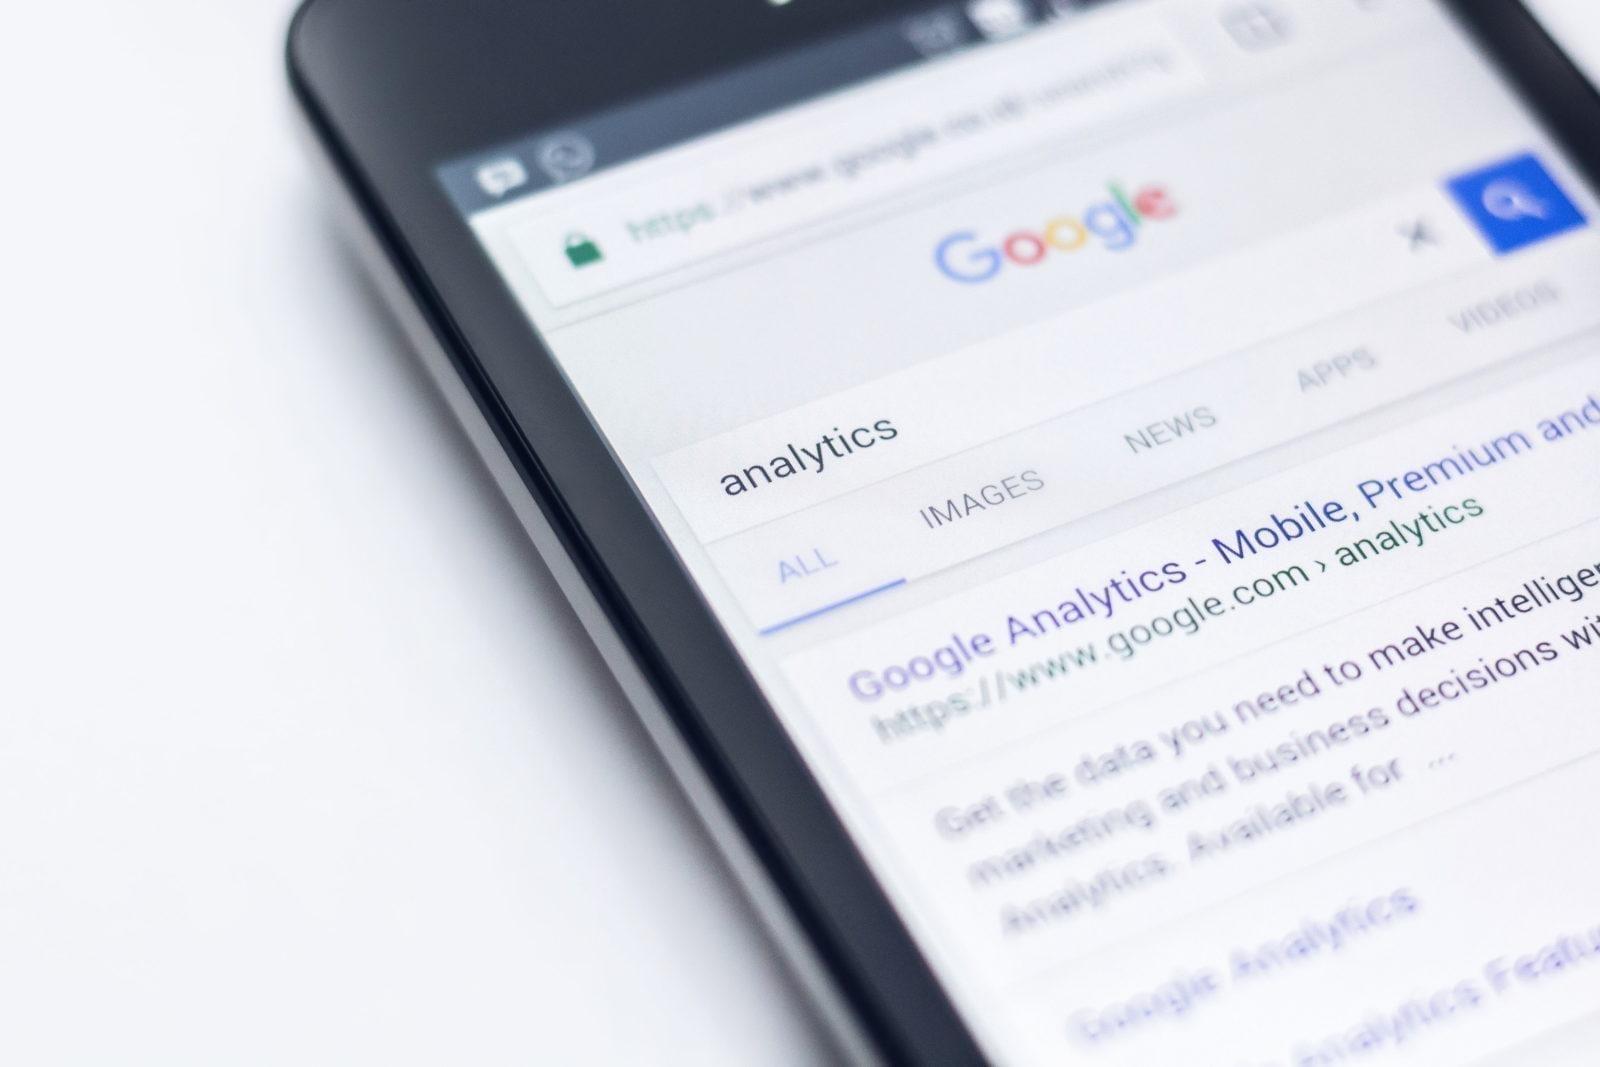 onderzoeken hoe je een e-maillijst kan maken met behulp van analyses